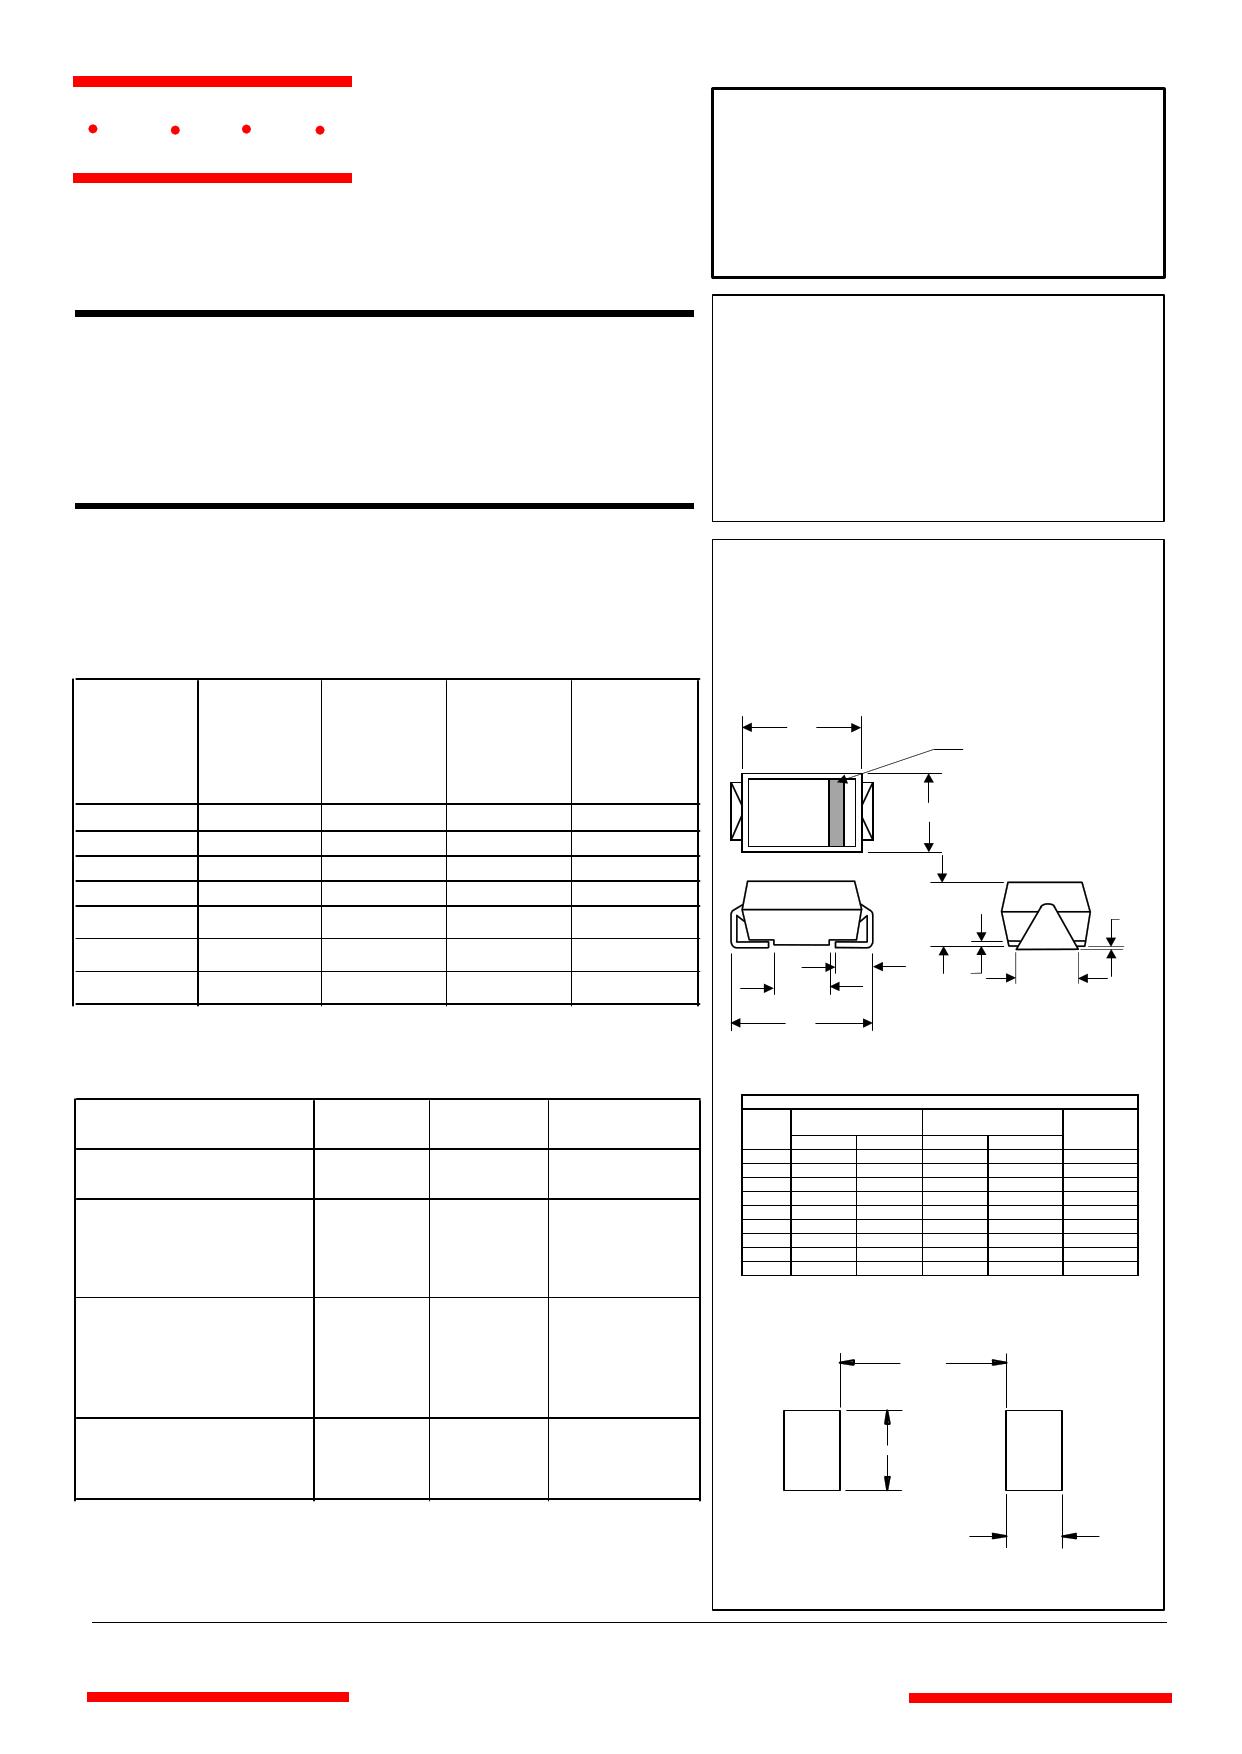 GS2M datasheet